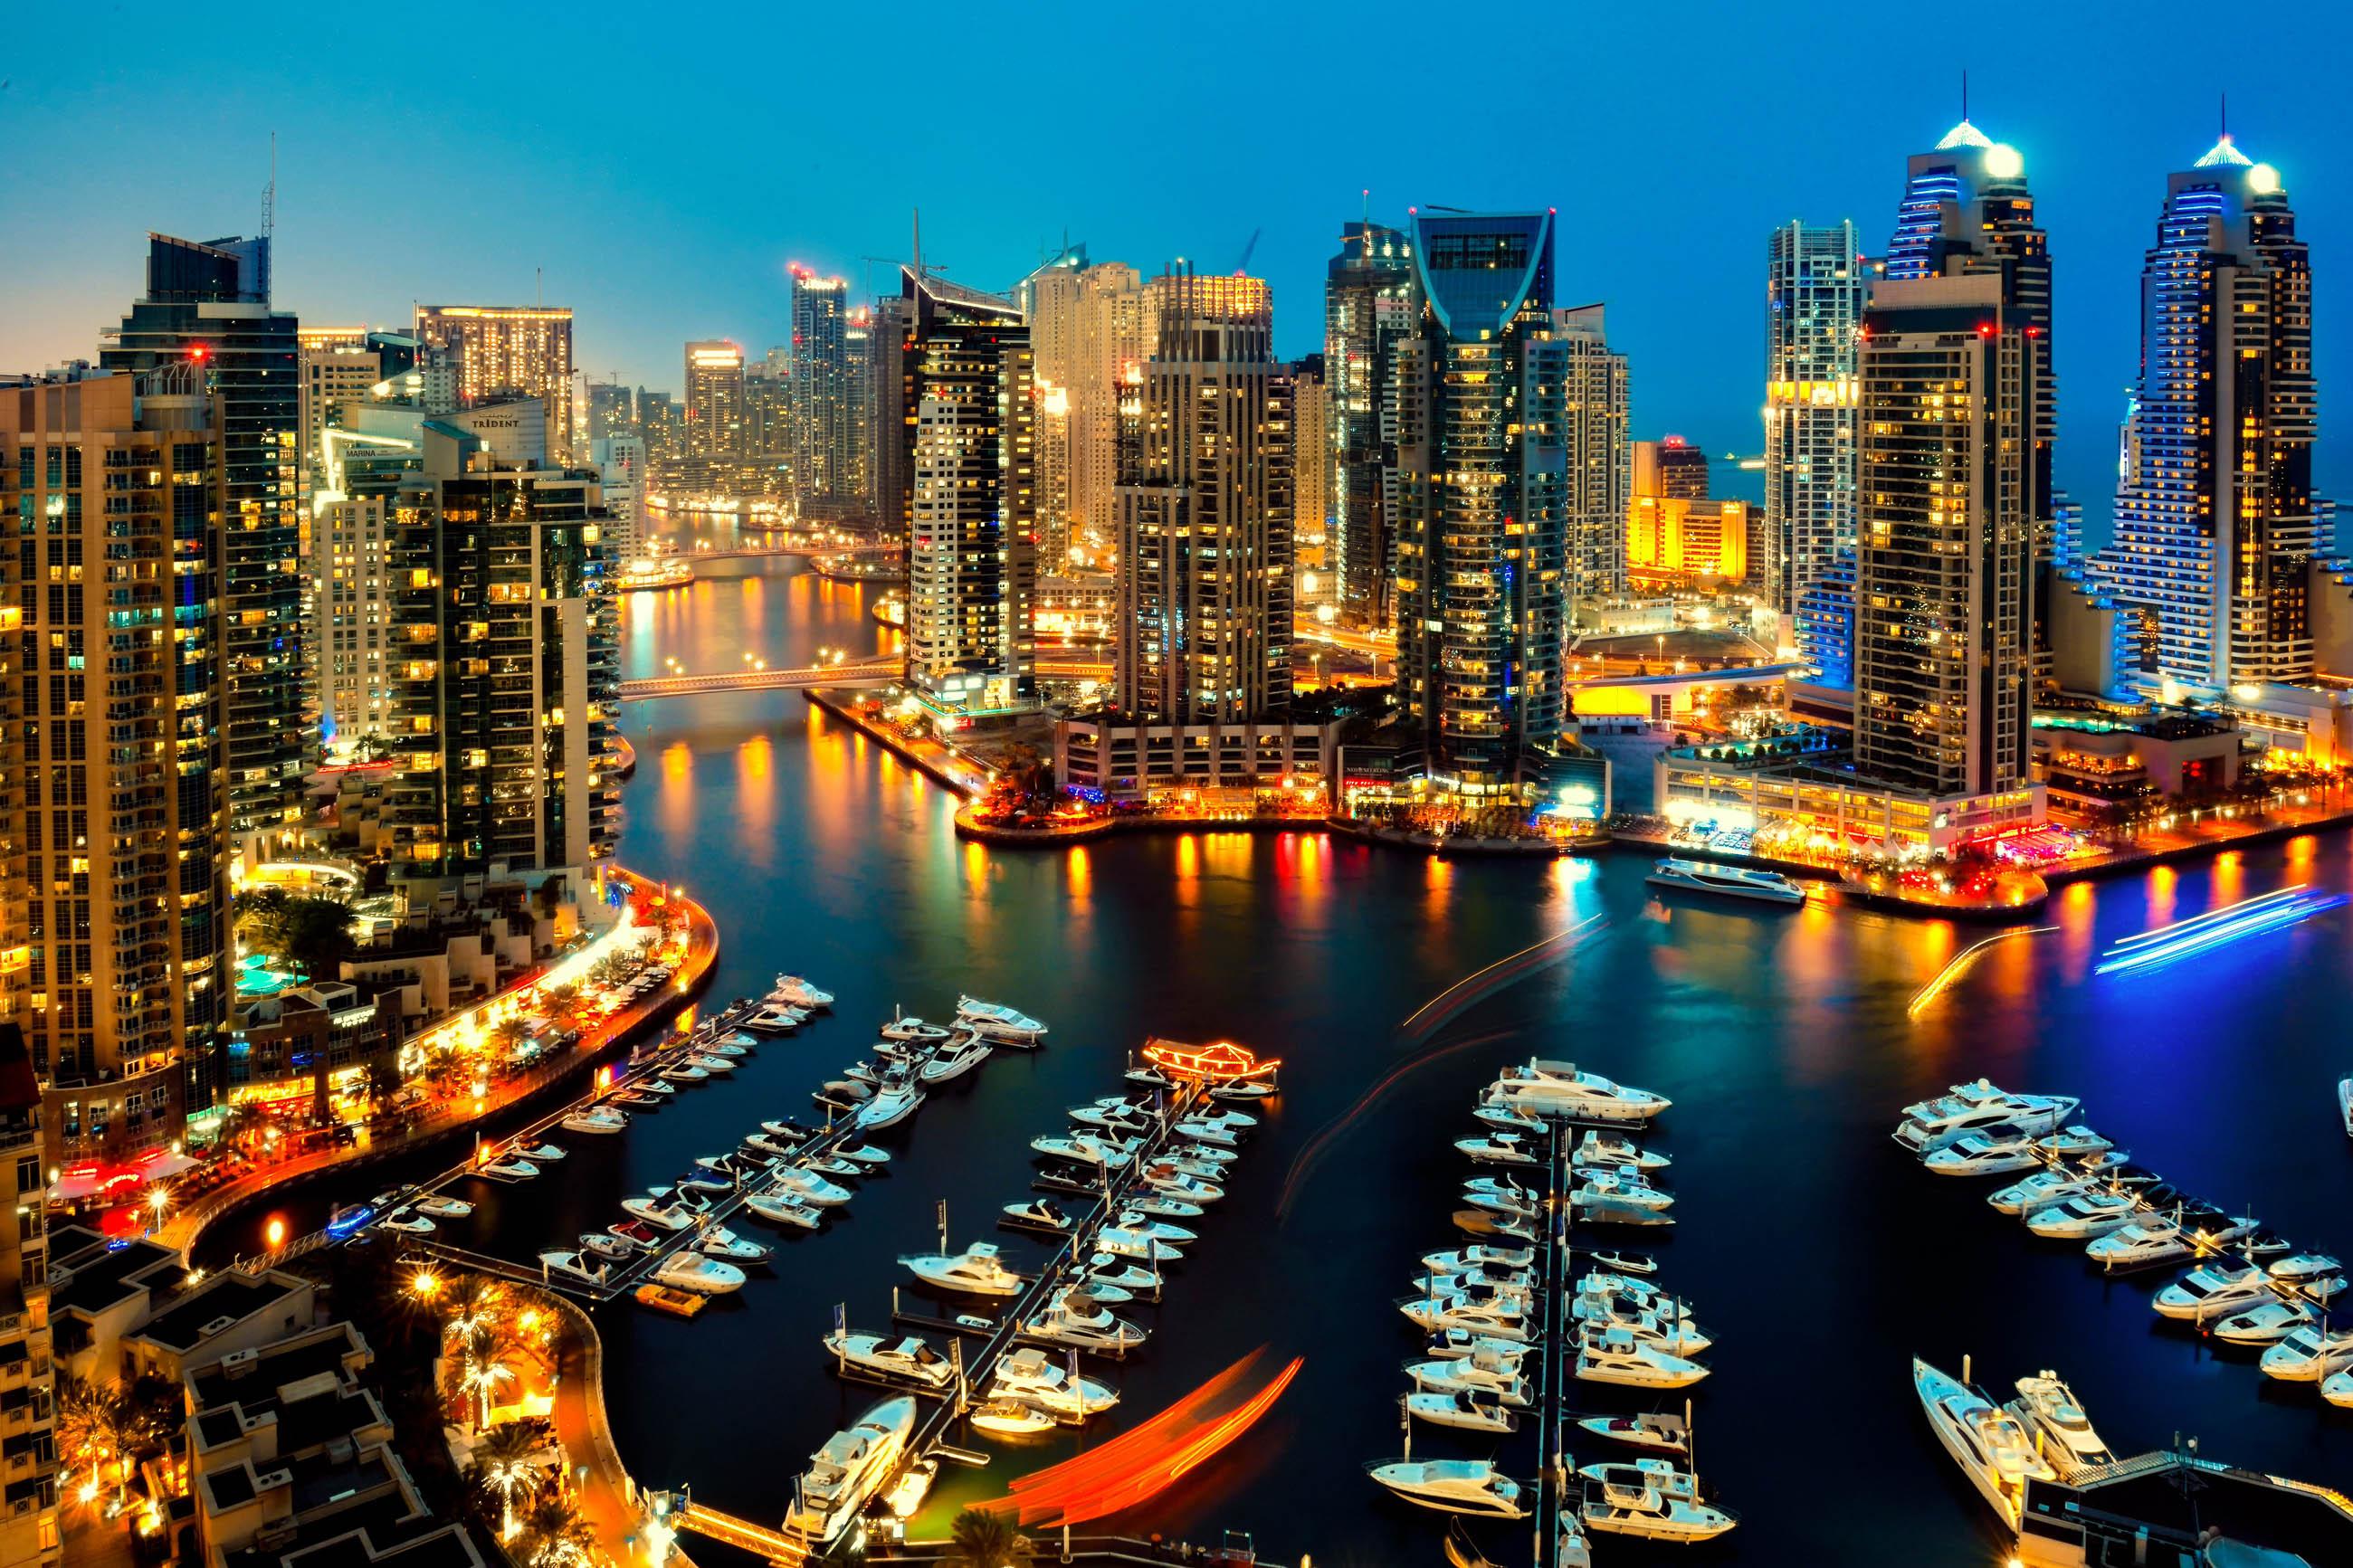 Dubai Marina In Dubai Vae Vereinigte Arabische Emirate